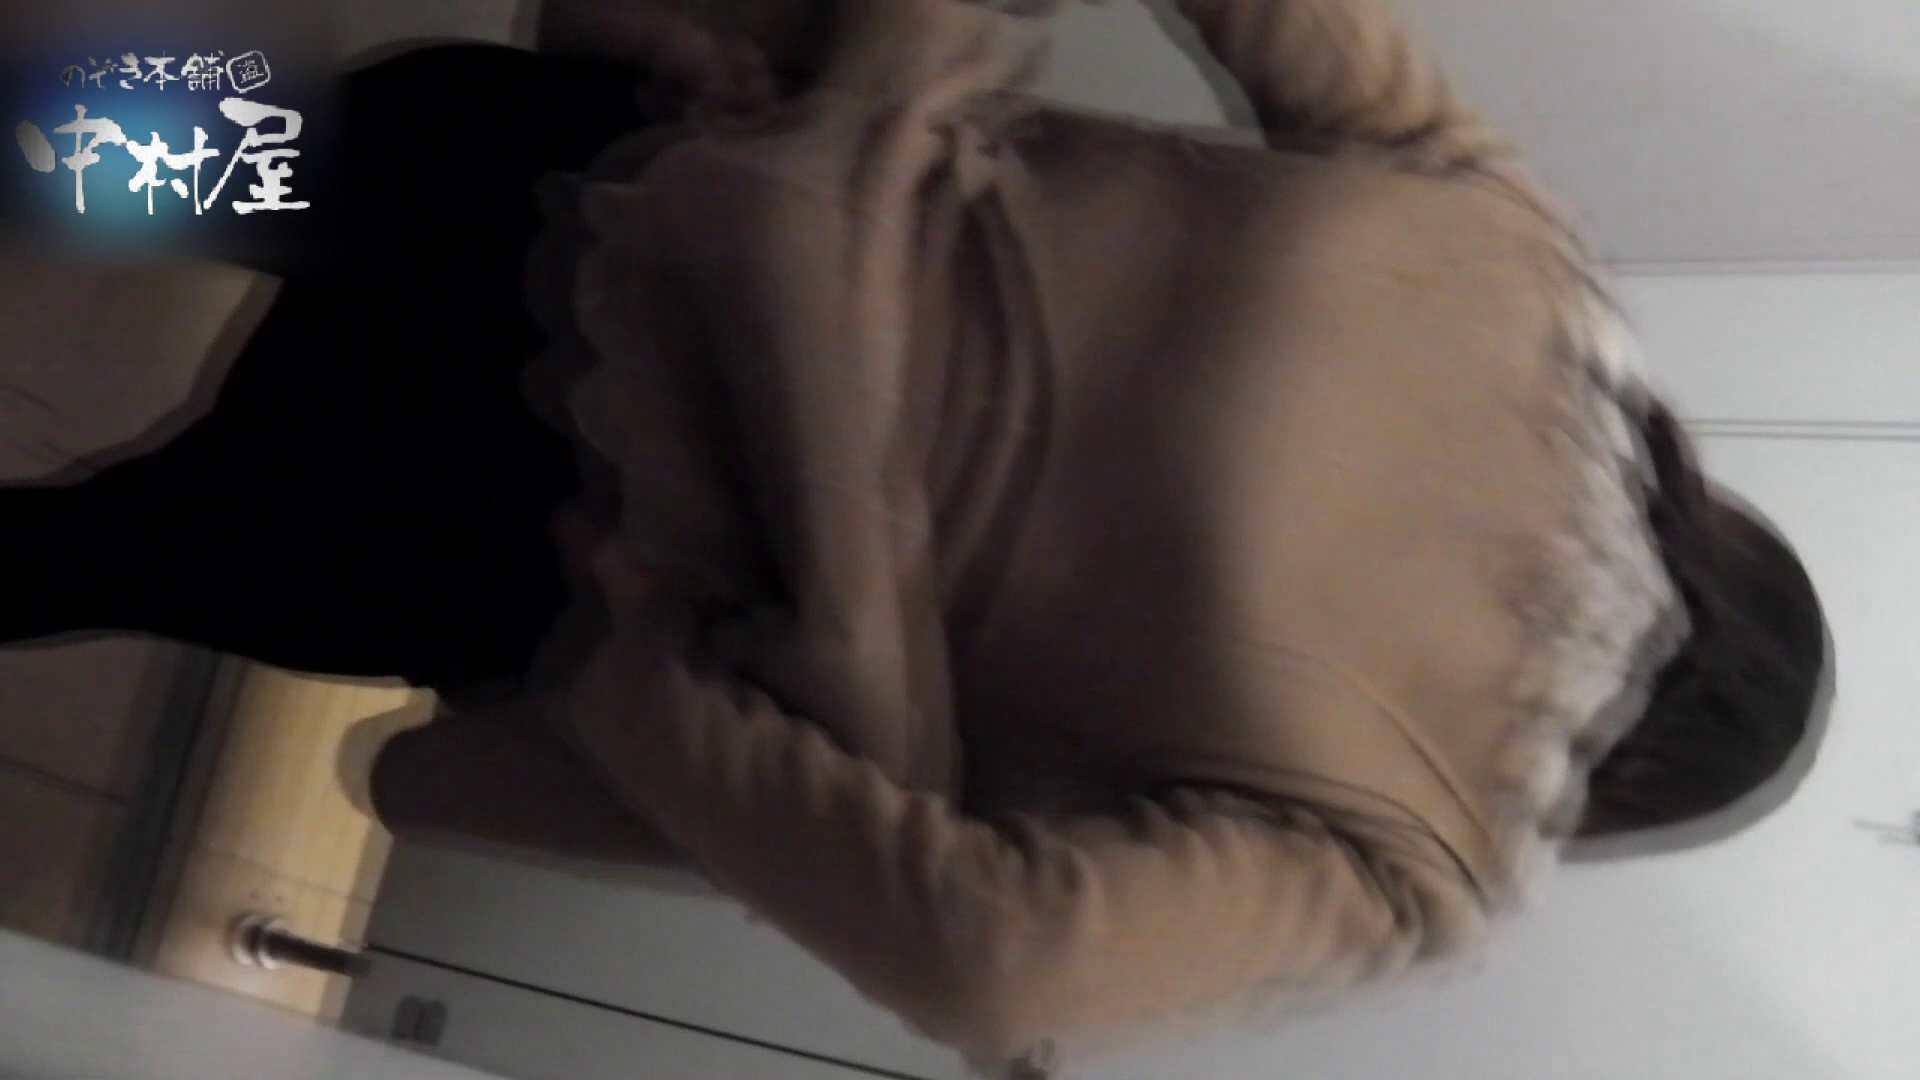 乙女集まる!ショッピングモール潜入撮vol.12 乙女エロ画像 ワレメ動画紹介 60PICs 9